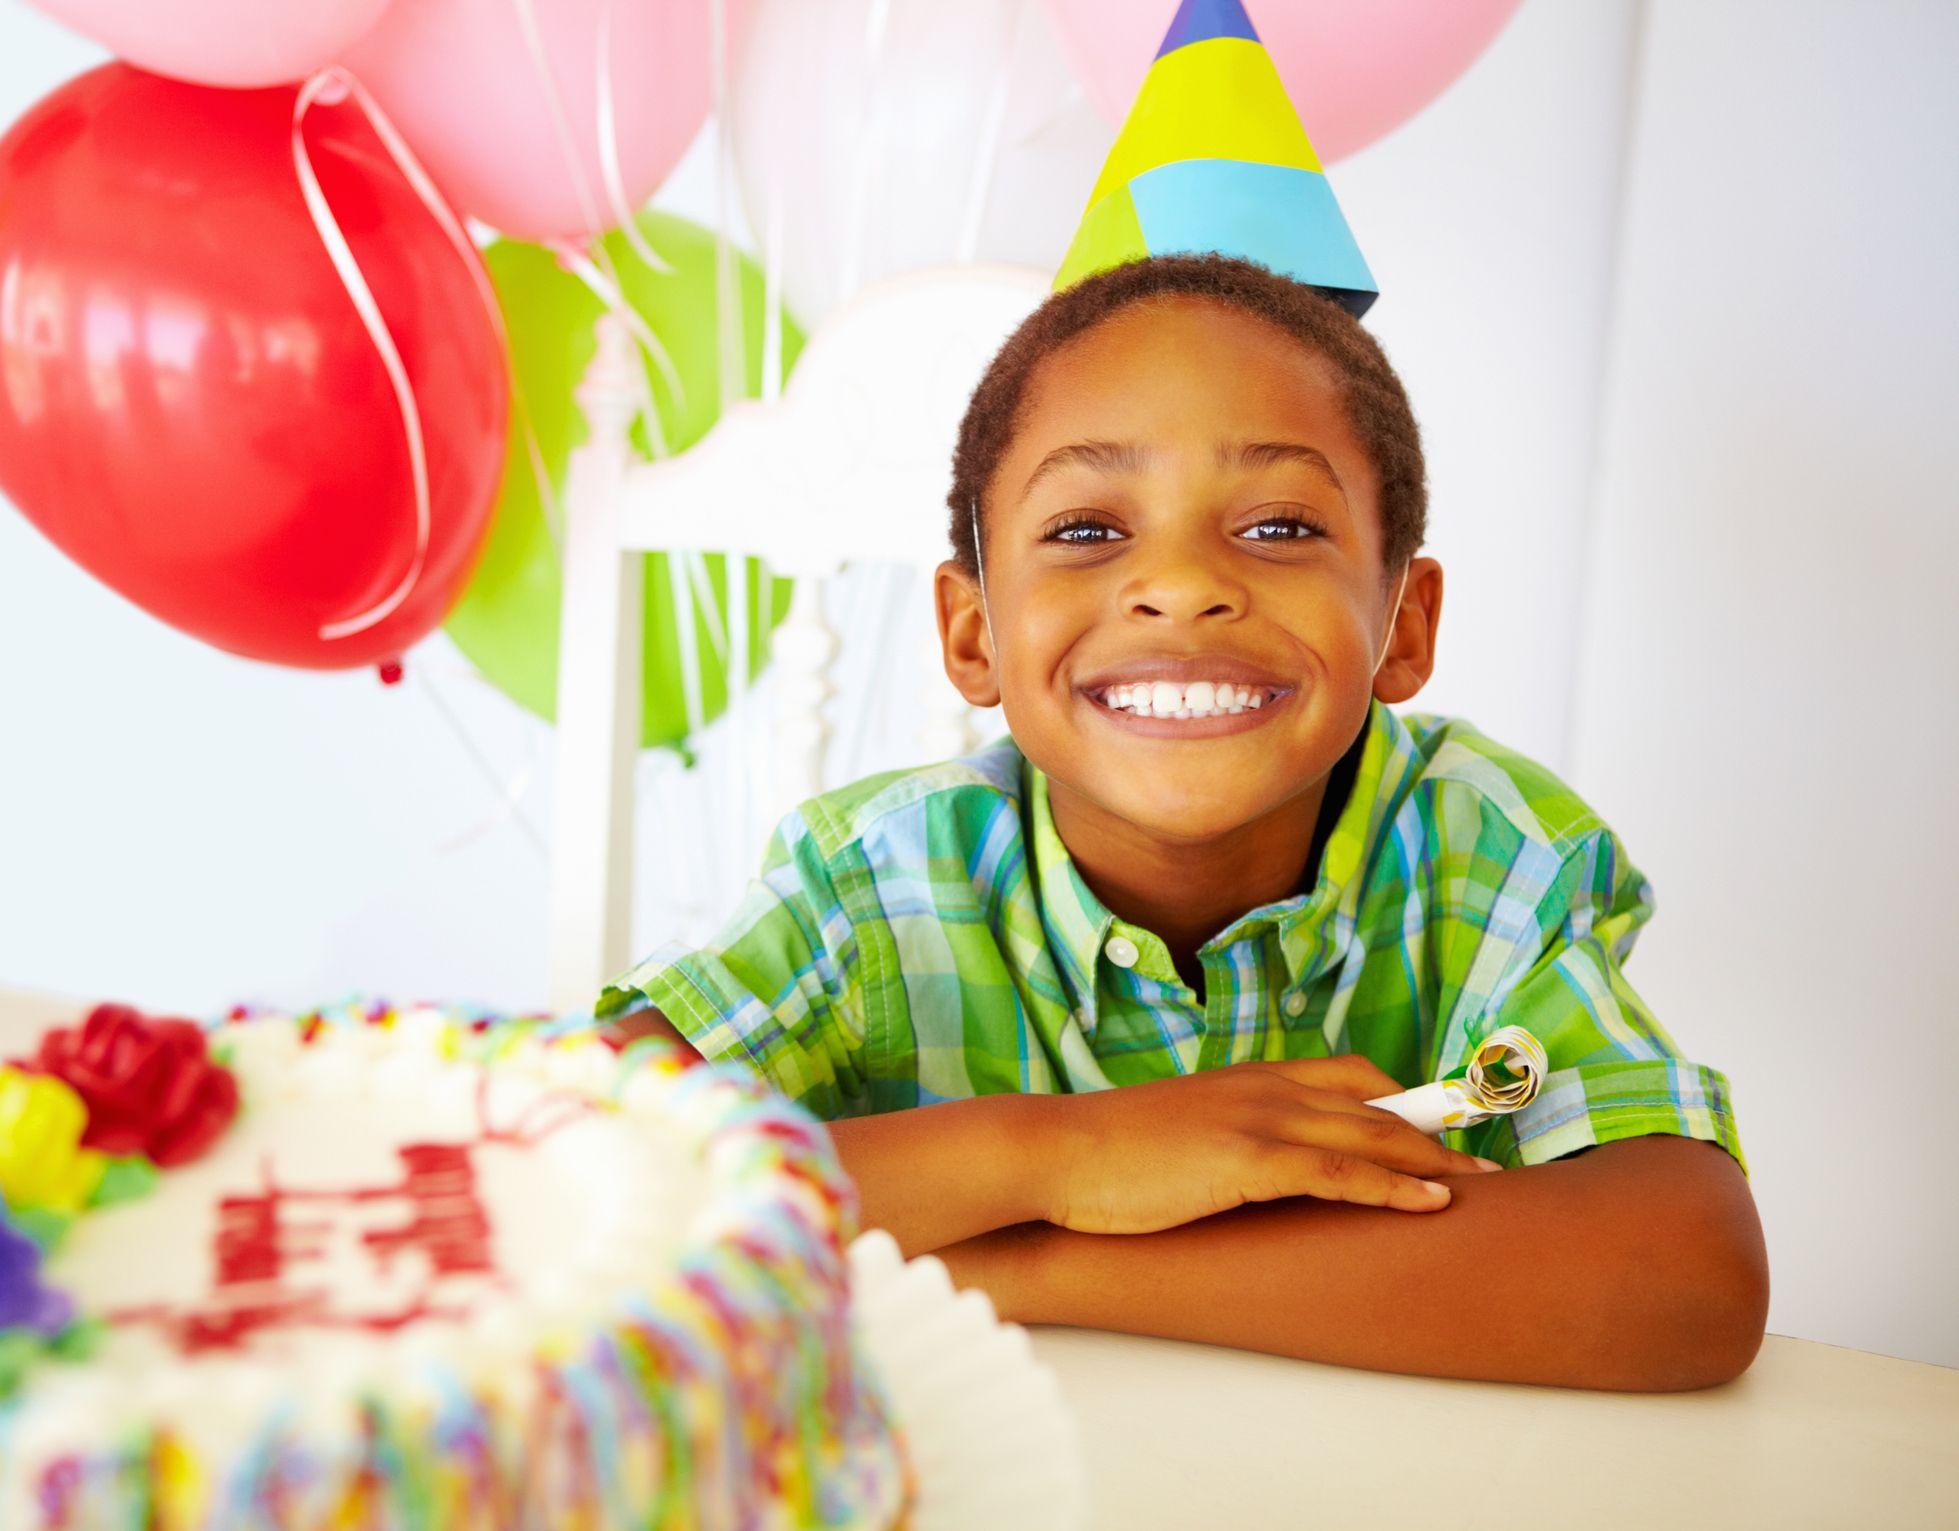 naeratav väike poiss sünnipäevapeol koogi ees